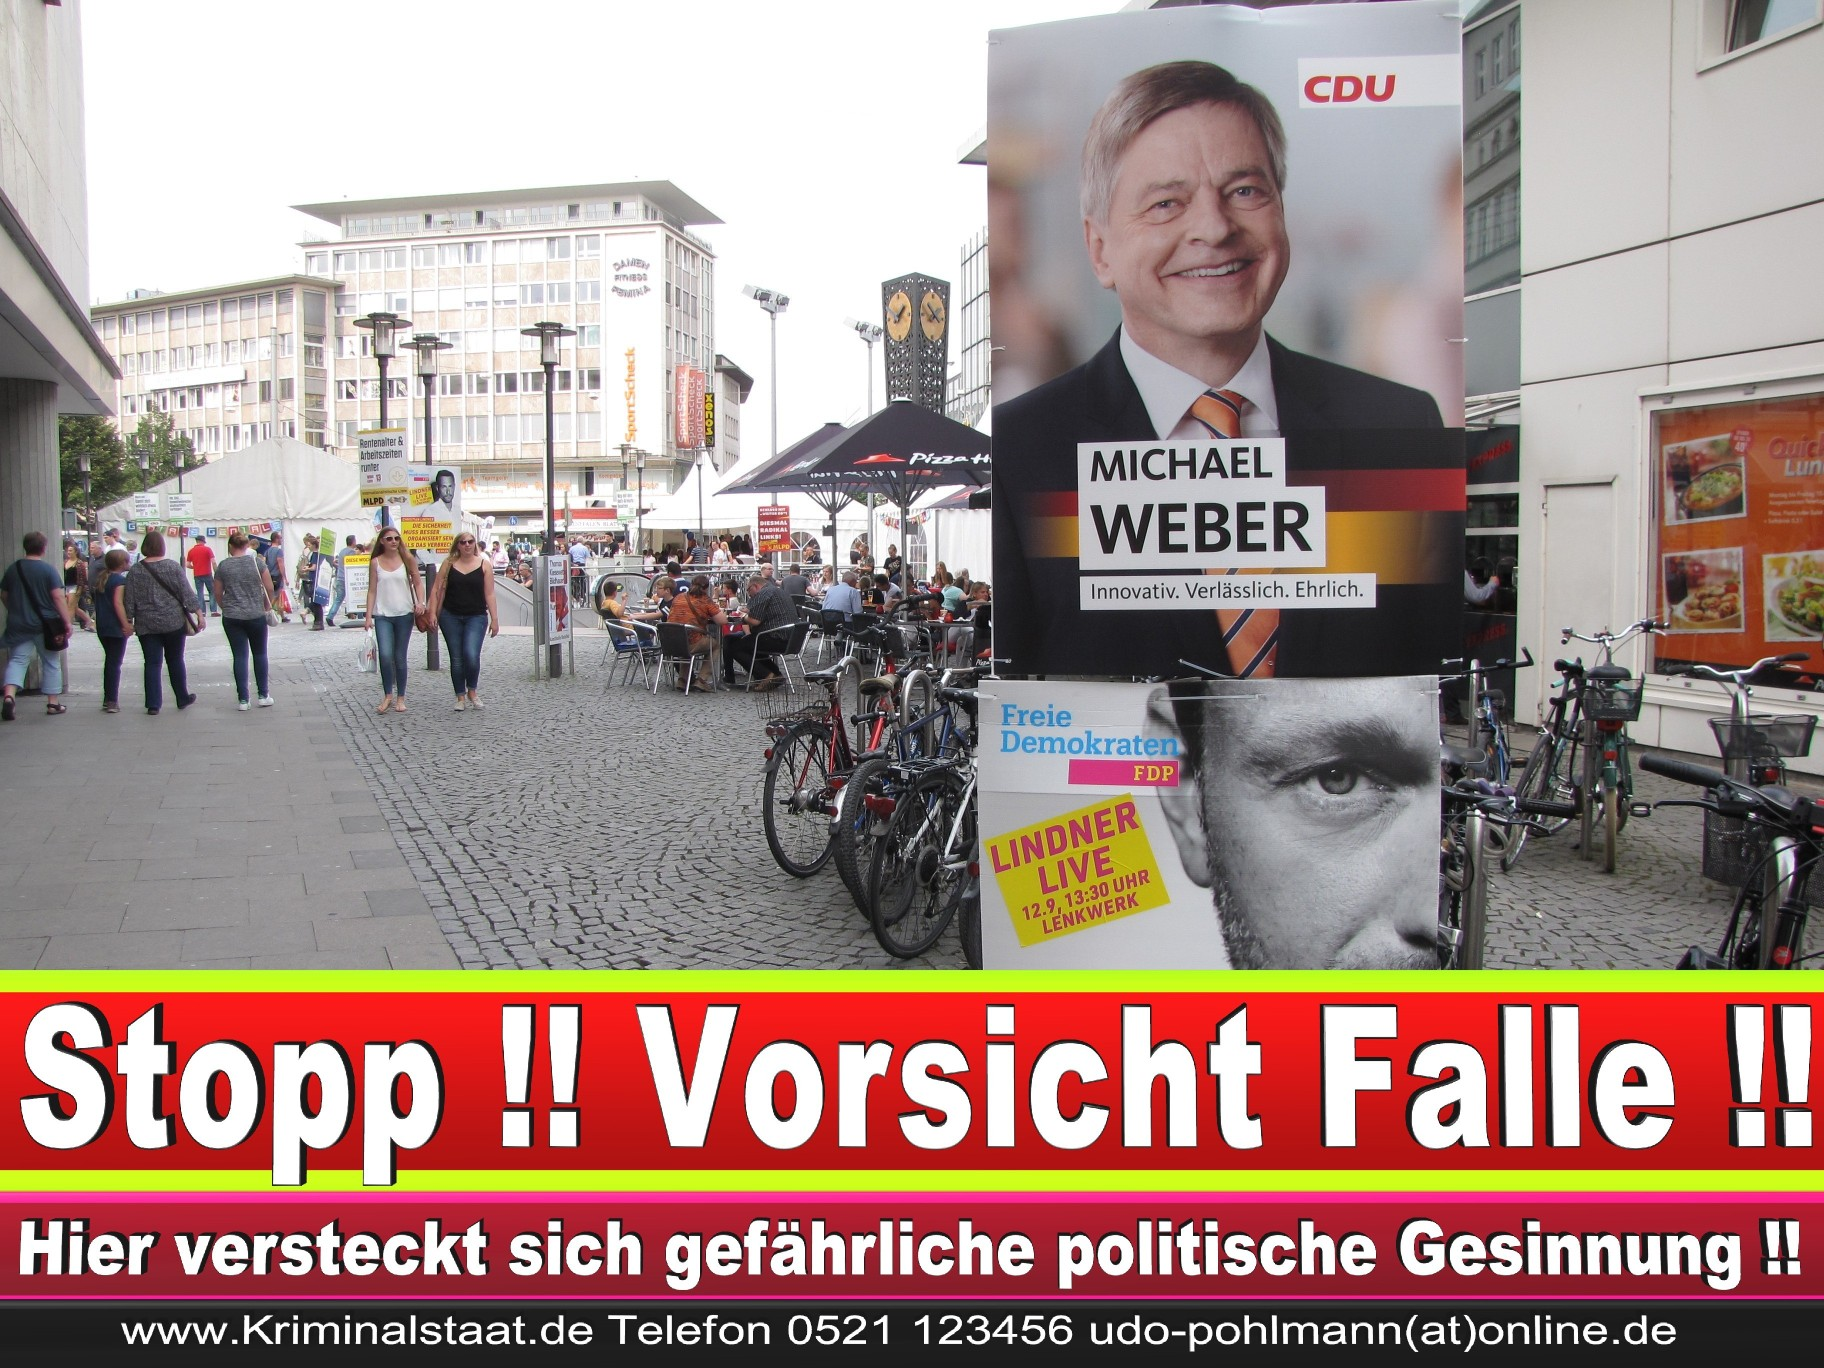 Wahlwerbung Wahlplakate Landtagswahl 2019 Europawahl CDU SPD FDP 2021 (39)